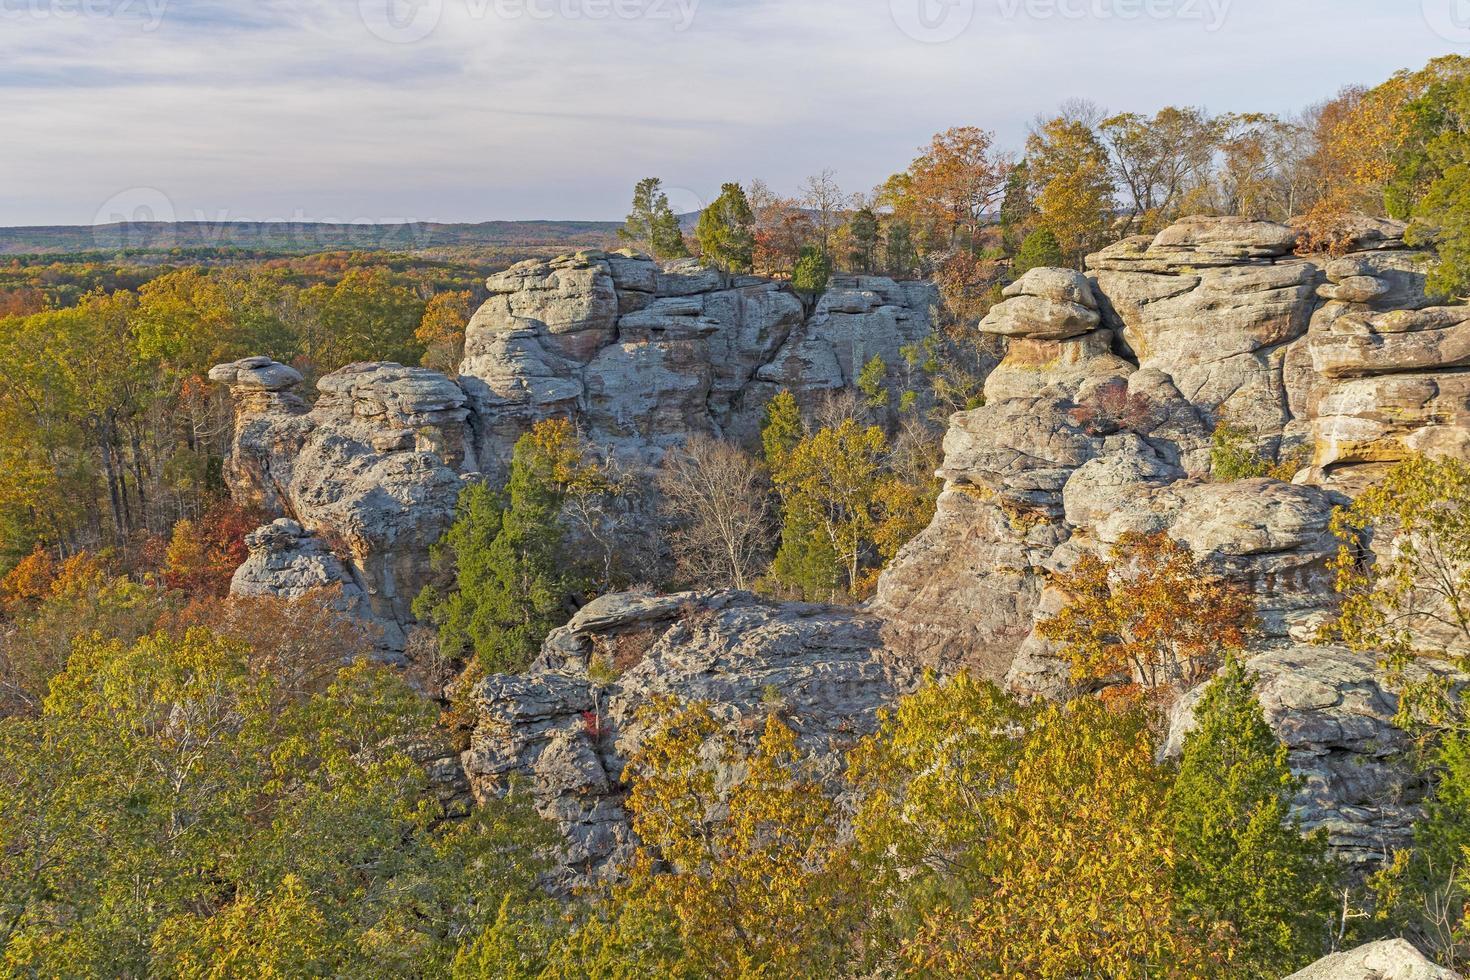 couleurs d'automne parmi les rochers photo